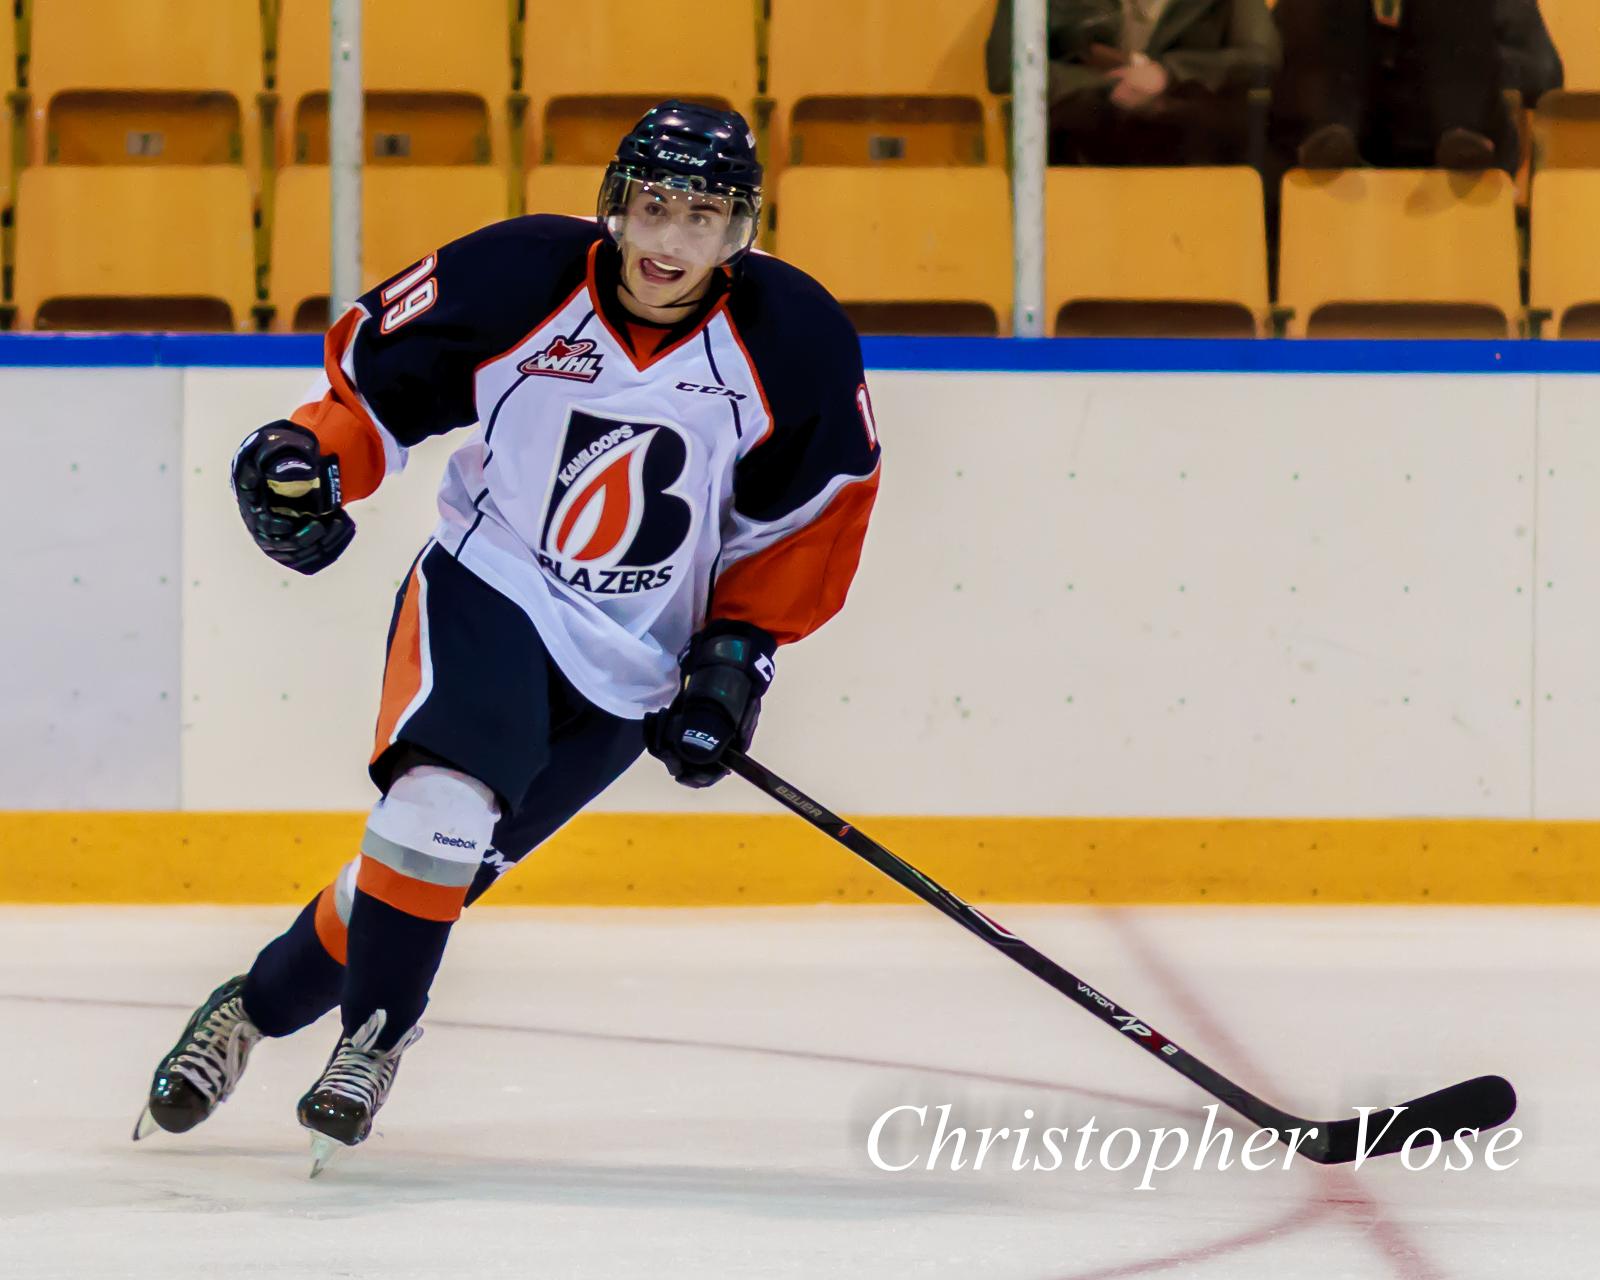 2014-09-07 Jesse Zaharichuk 2.jpg